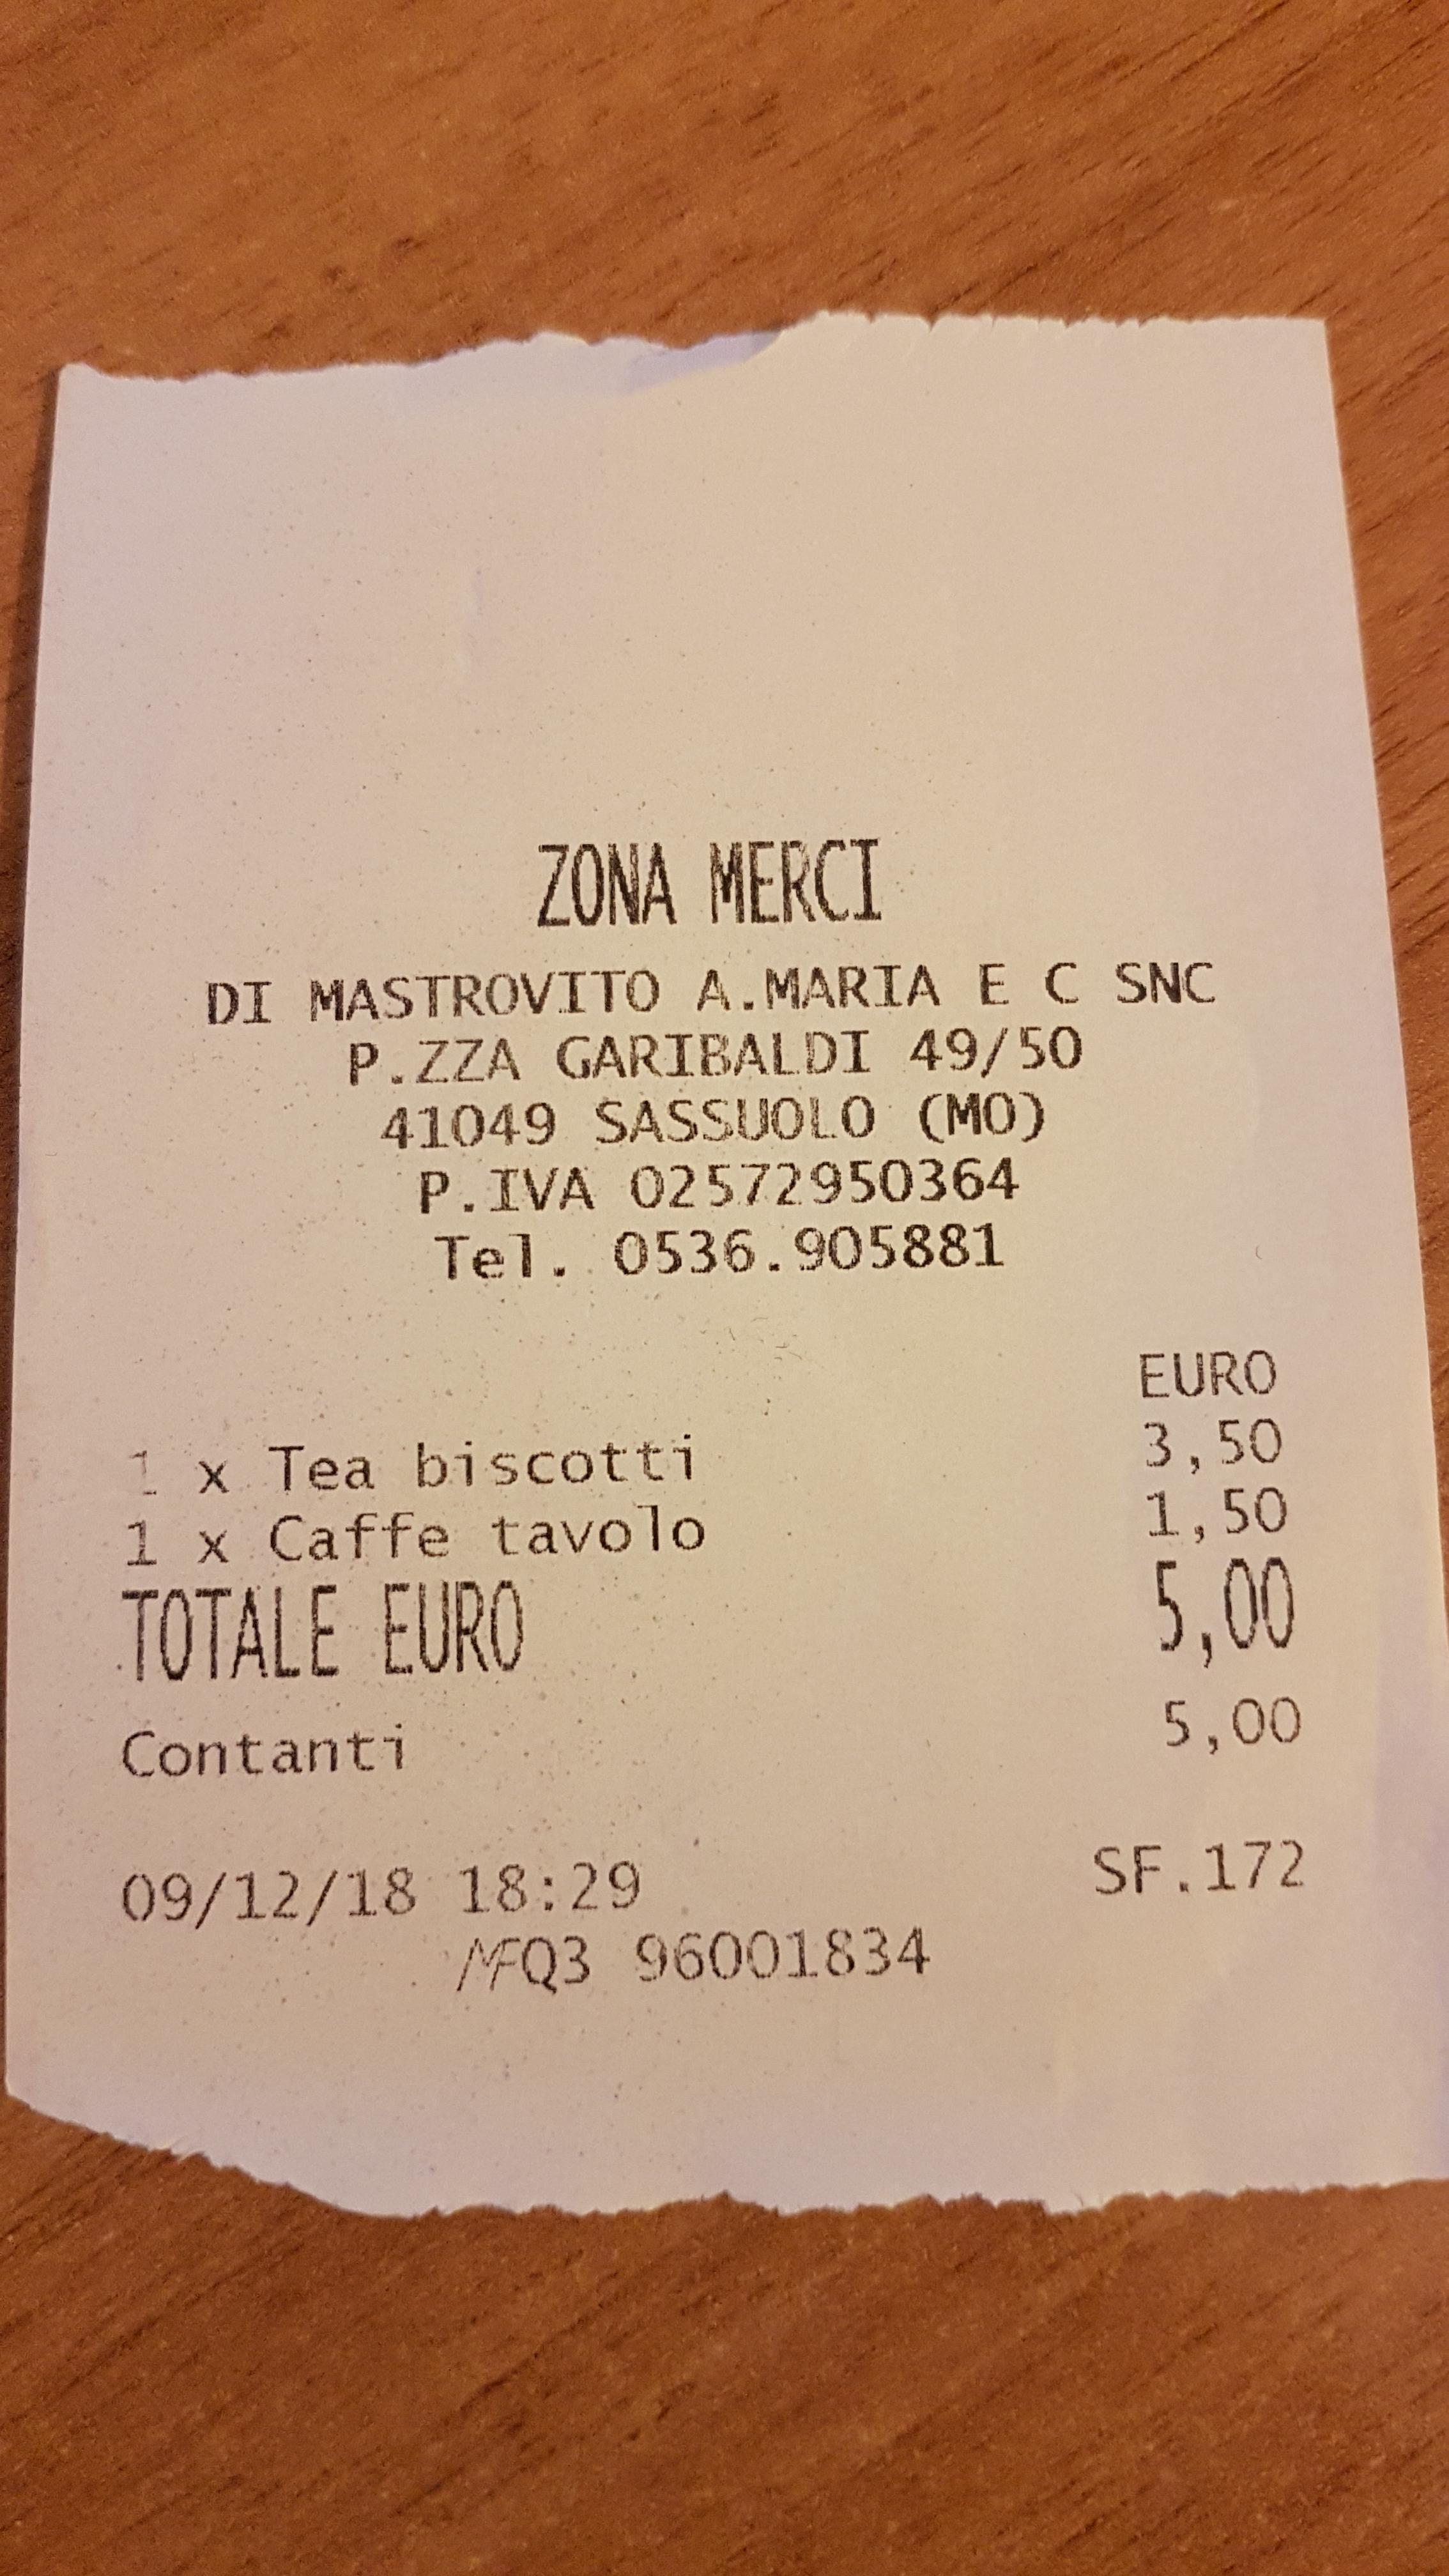 ZONA MERCI - SASSUOLO- MODENAjpg